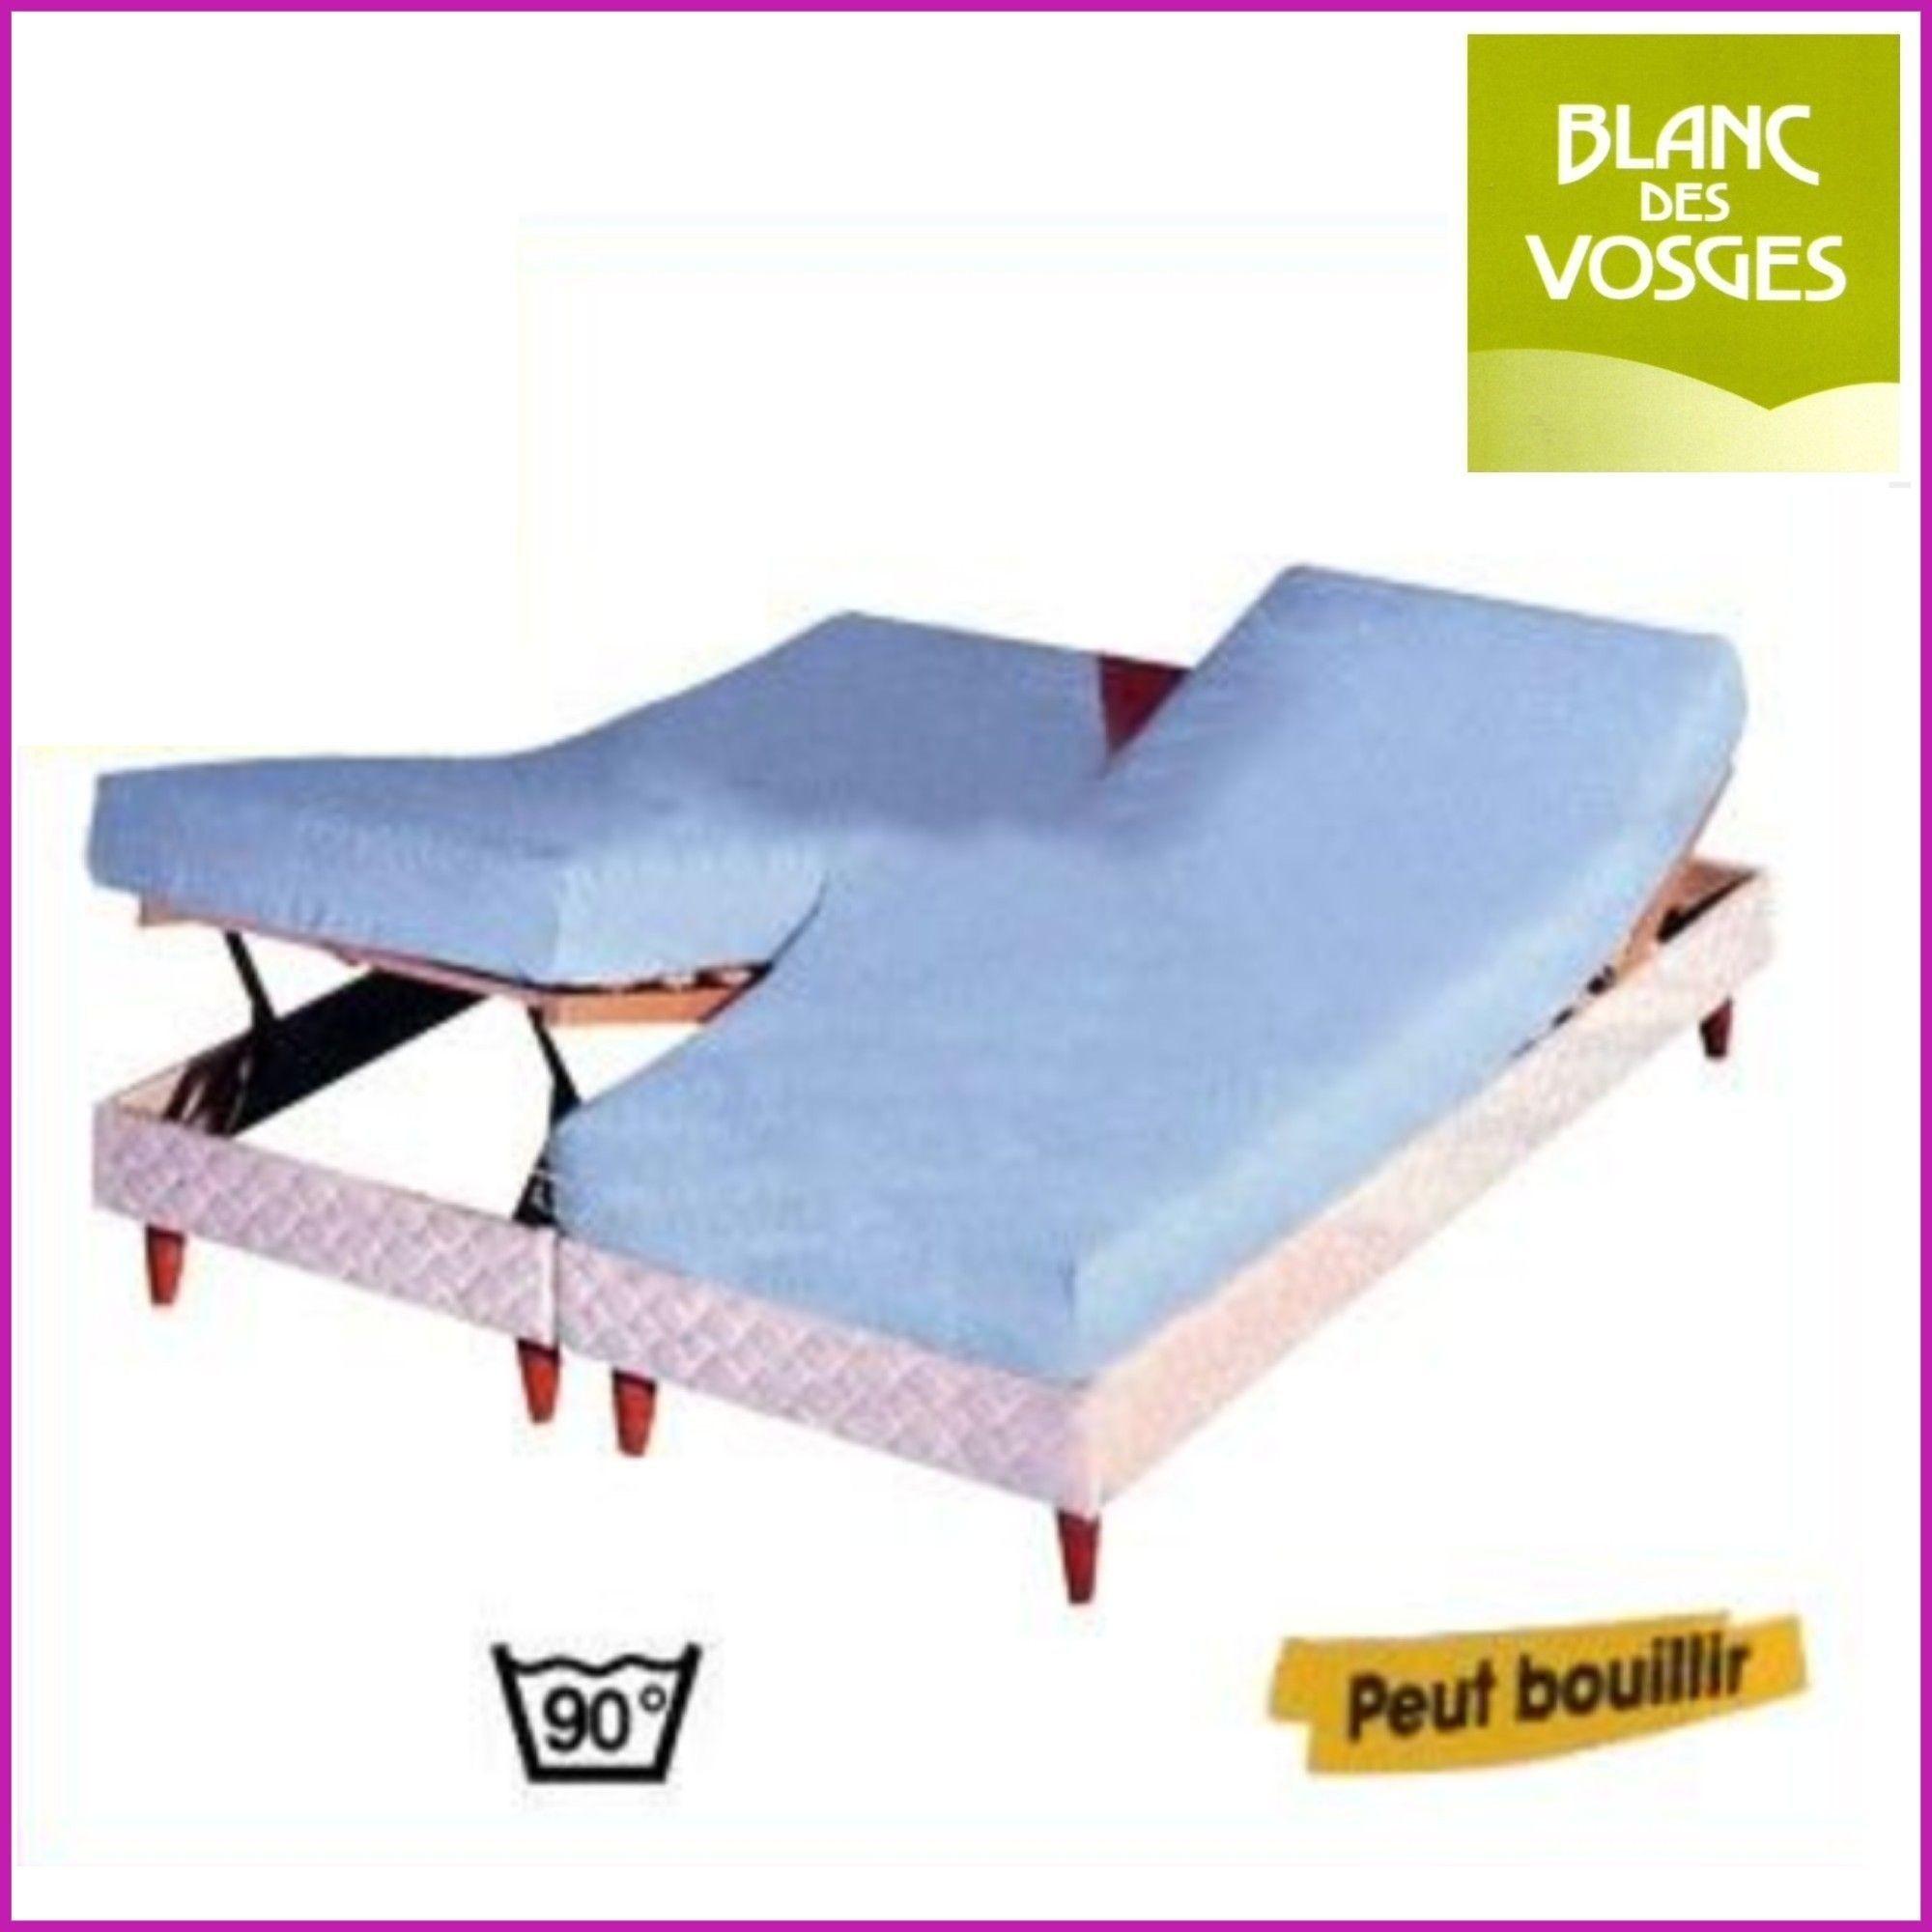 drap housse 90x200 pas cher drap housse 90x200 drap housse 90x200 pas cher draps housse 90x200. Black Bedroom Furniture Sets. Home Design Ideas